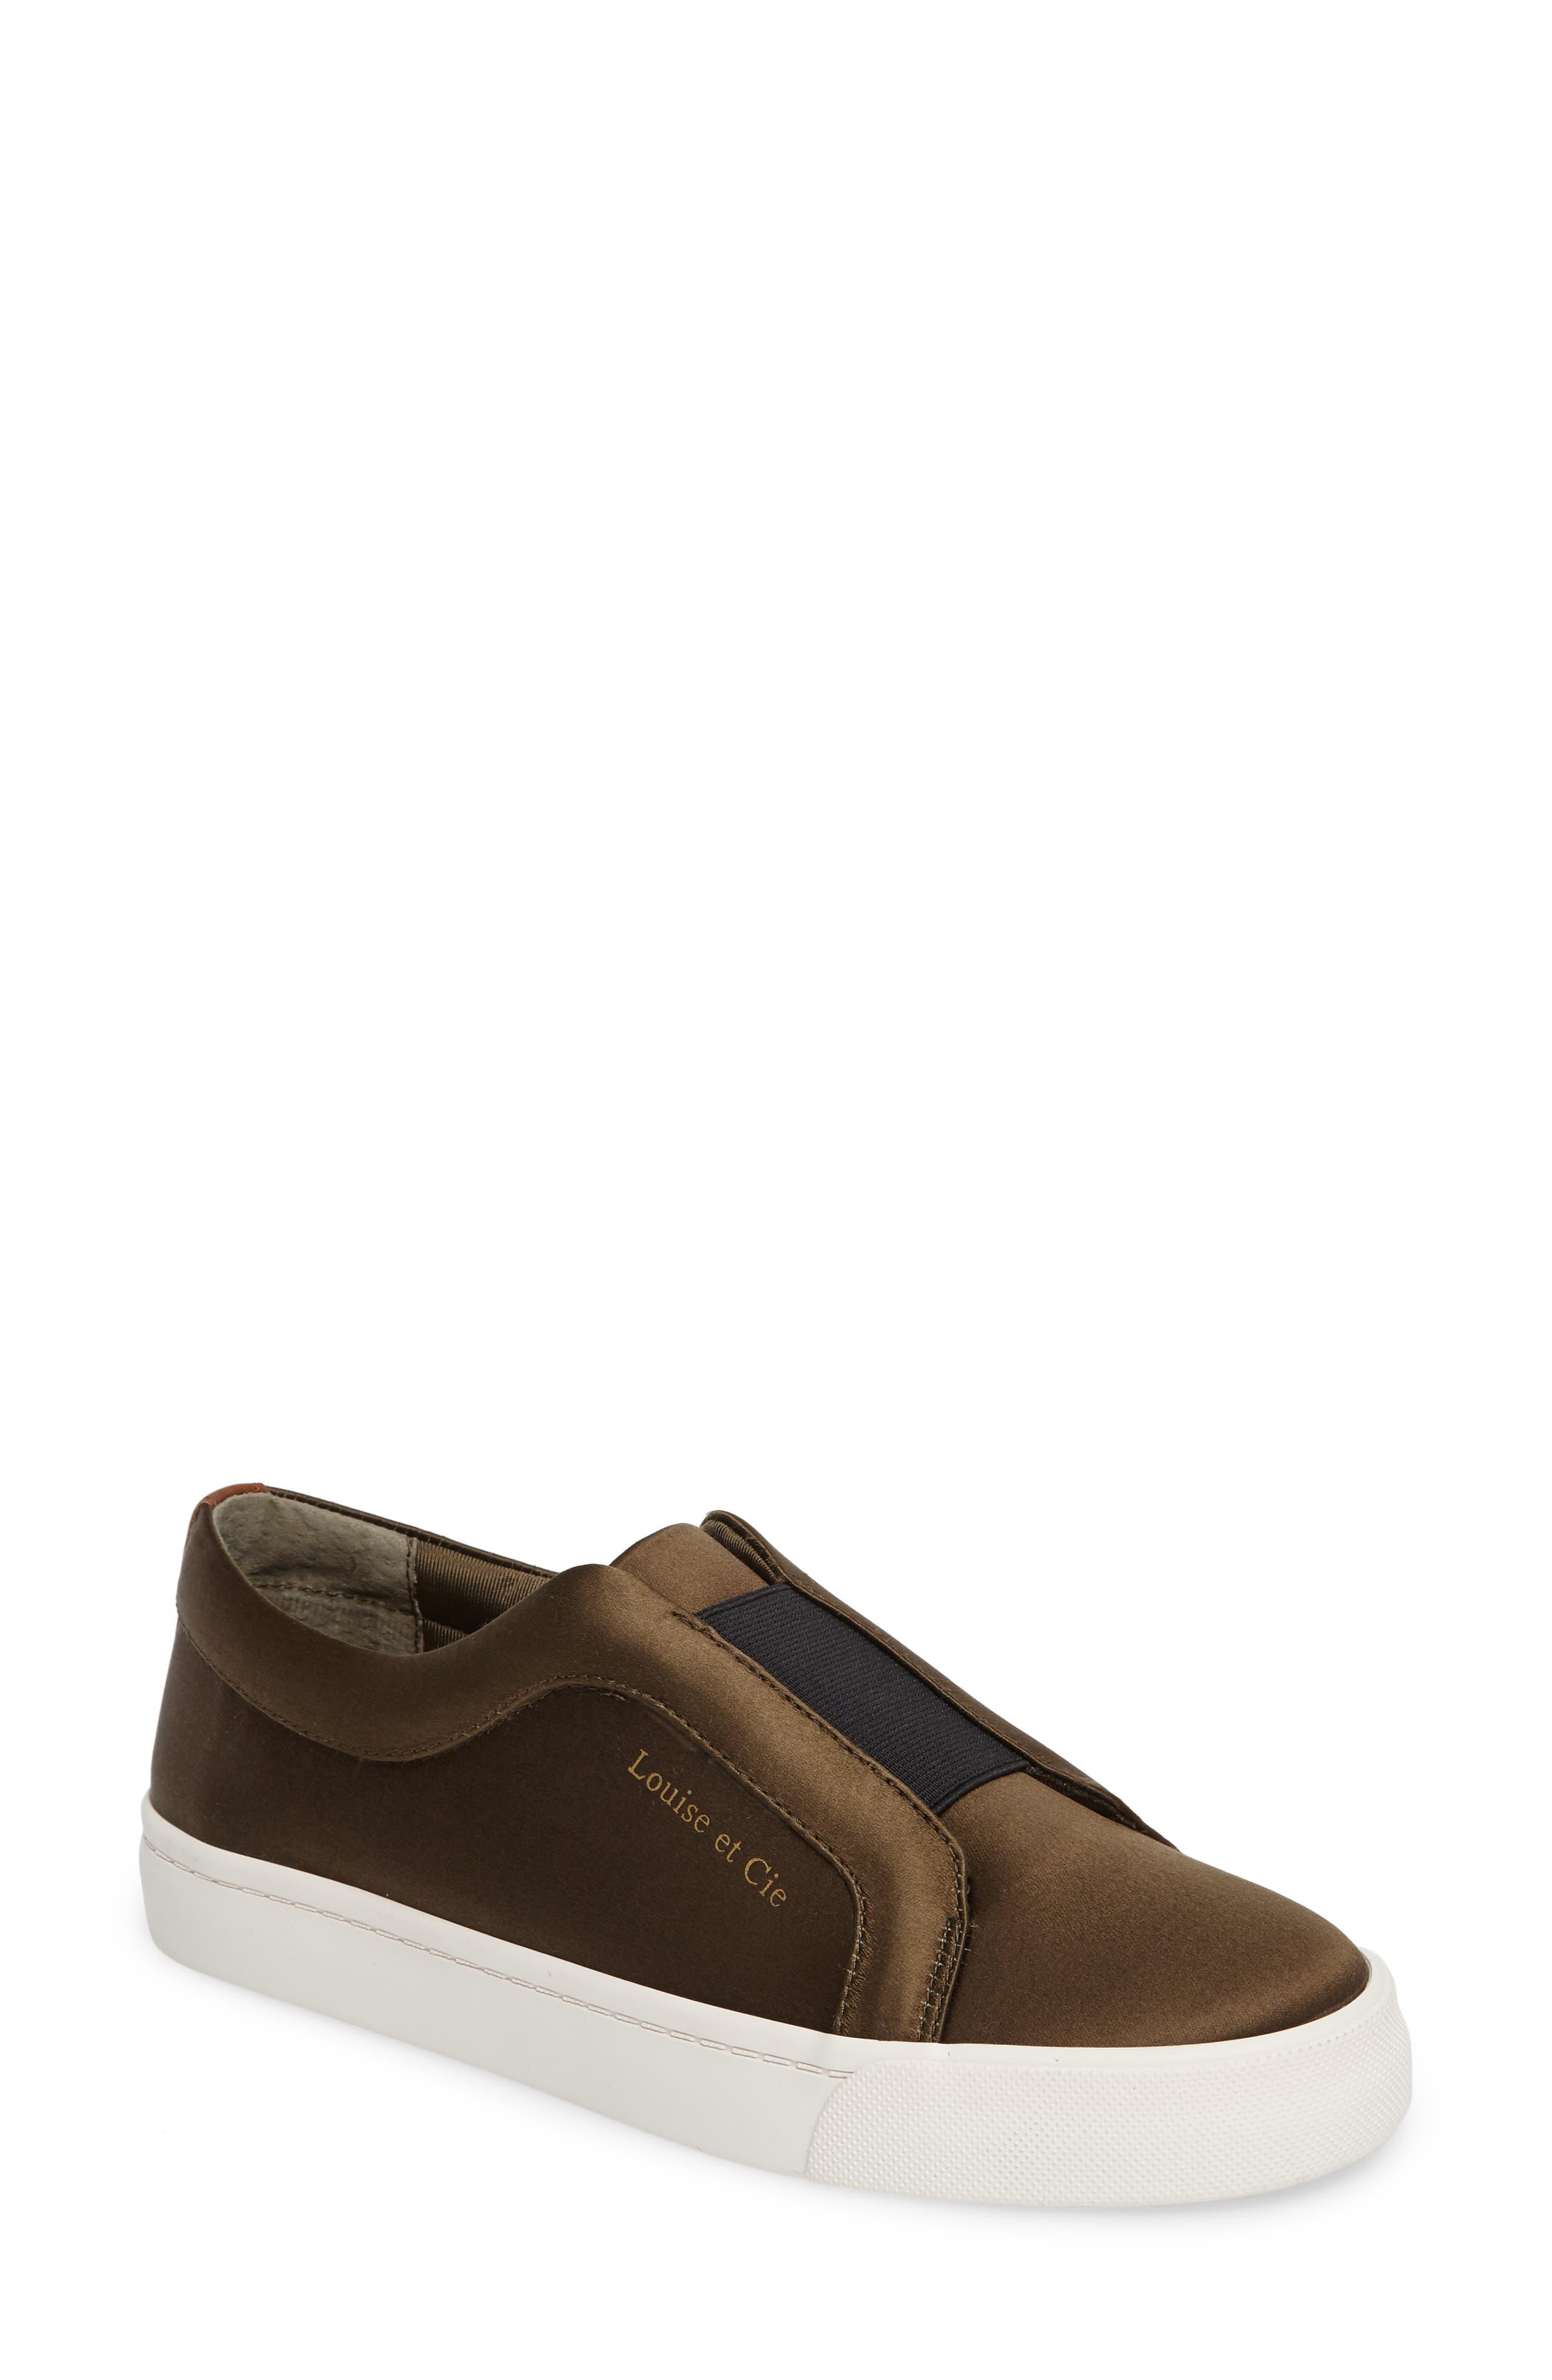 Bette Slip-On Sneaker,                         Main,                         color, Peacoat/ Black Satin